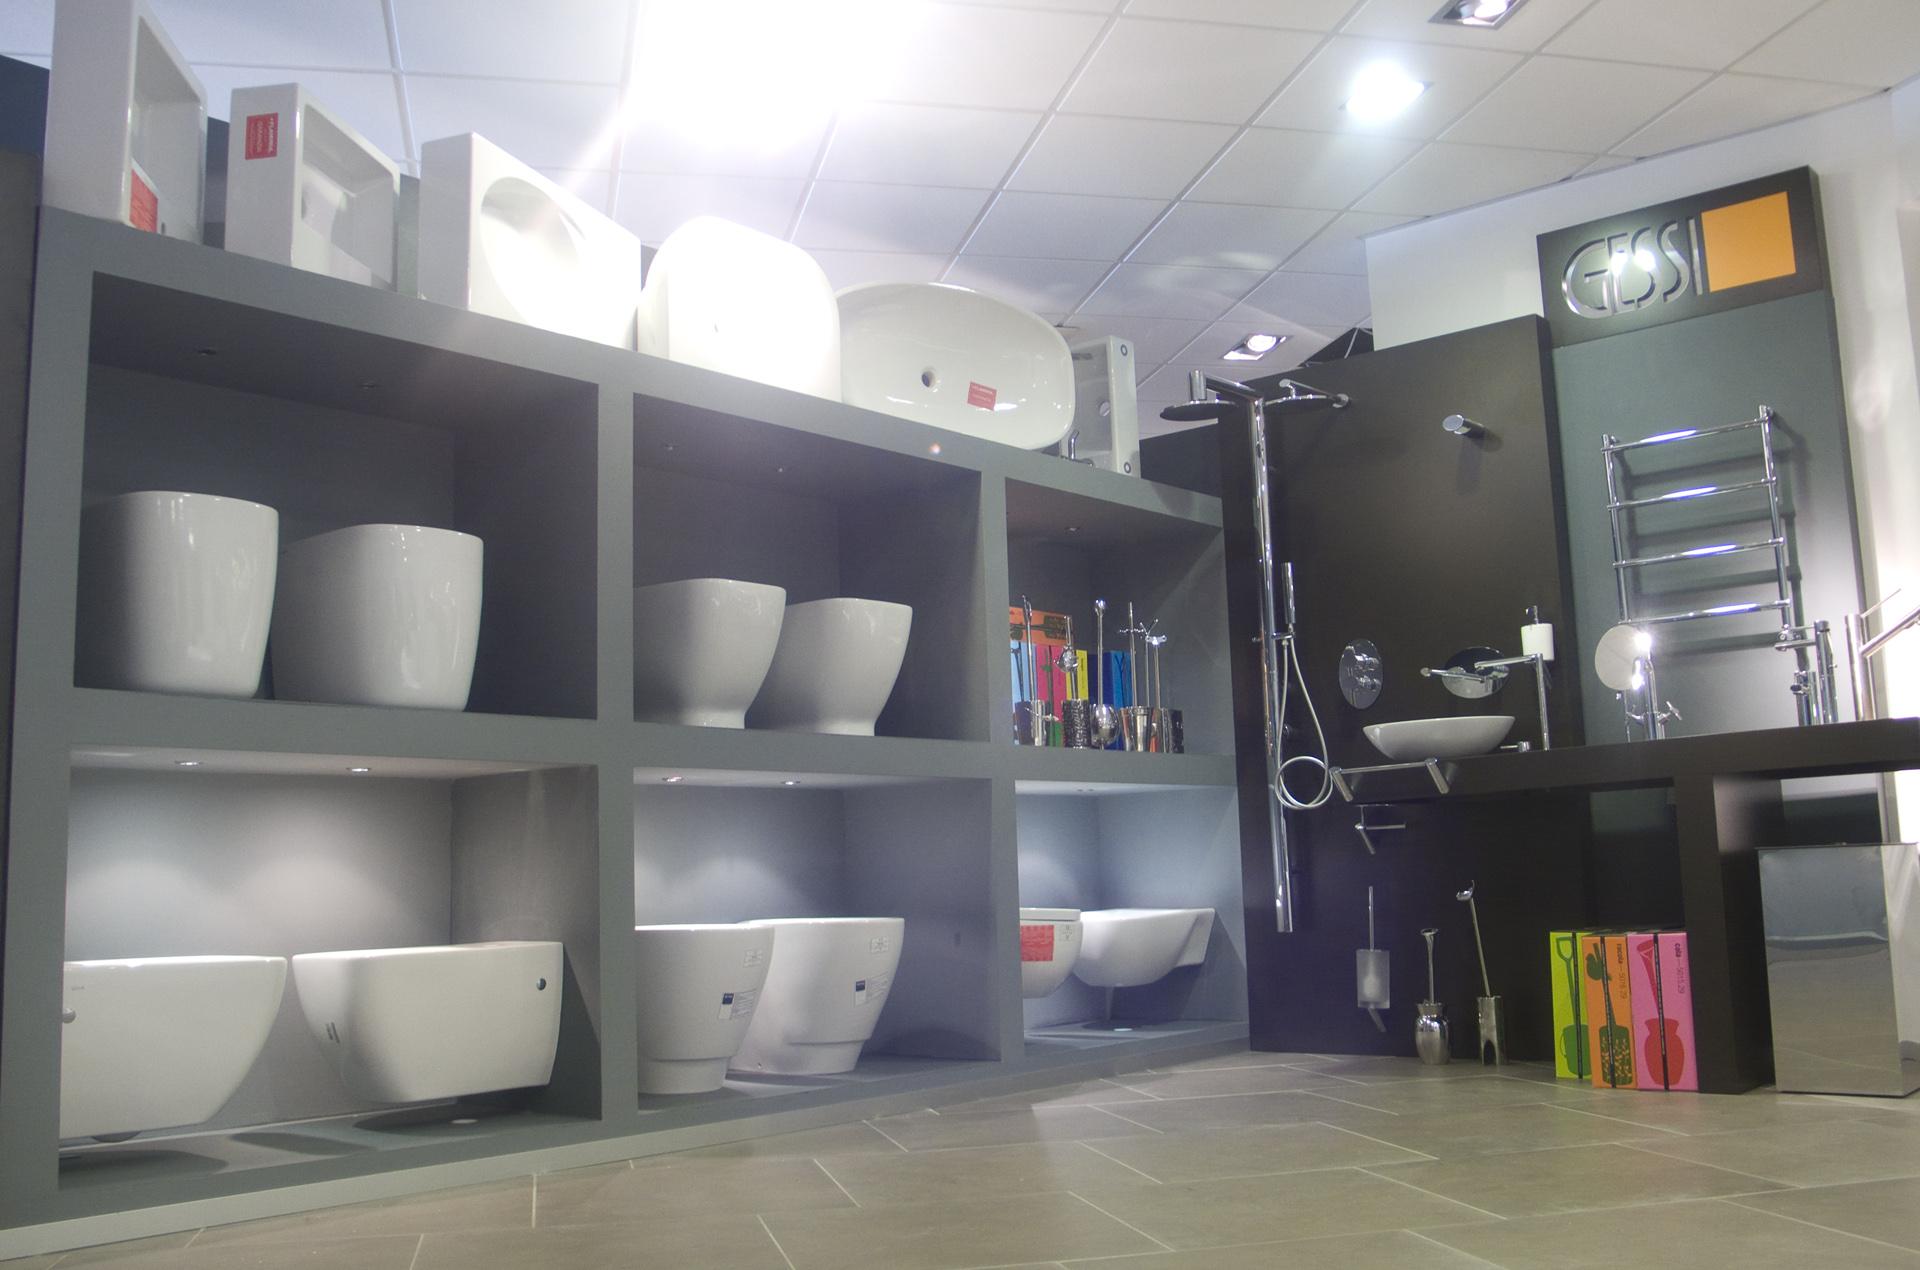 sintesibagno-showroom-arredobagno-lago-maggiore-verbania-svizzera-canton-ticino-04